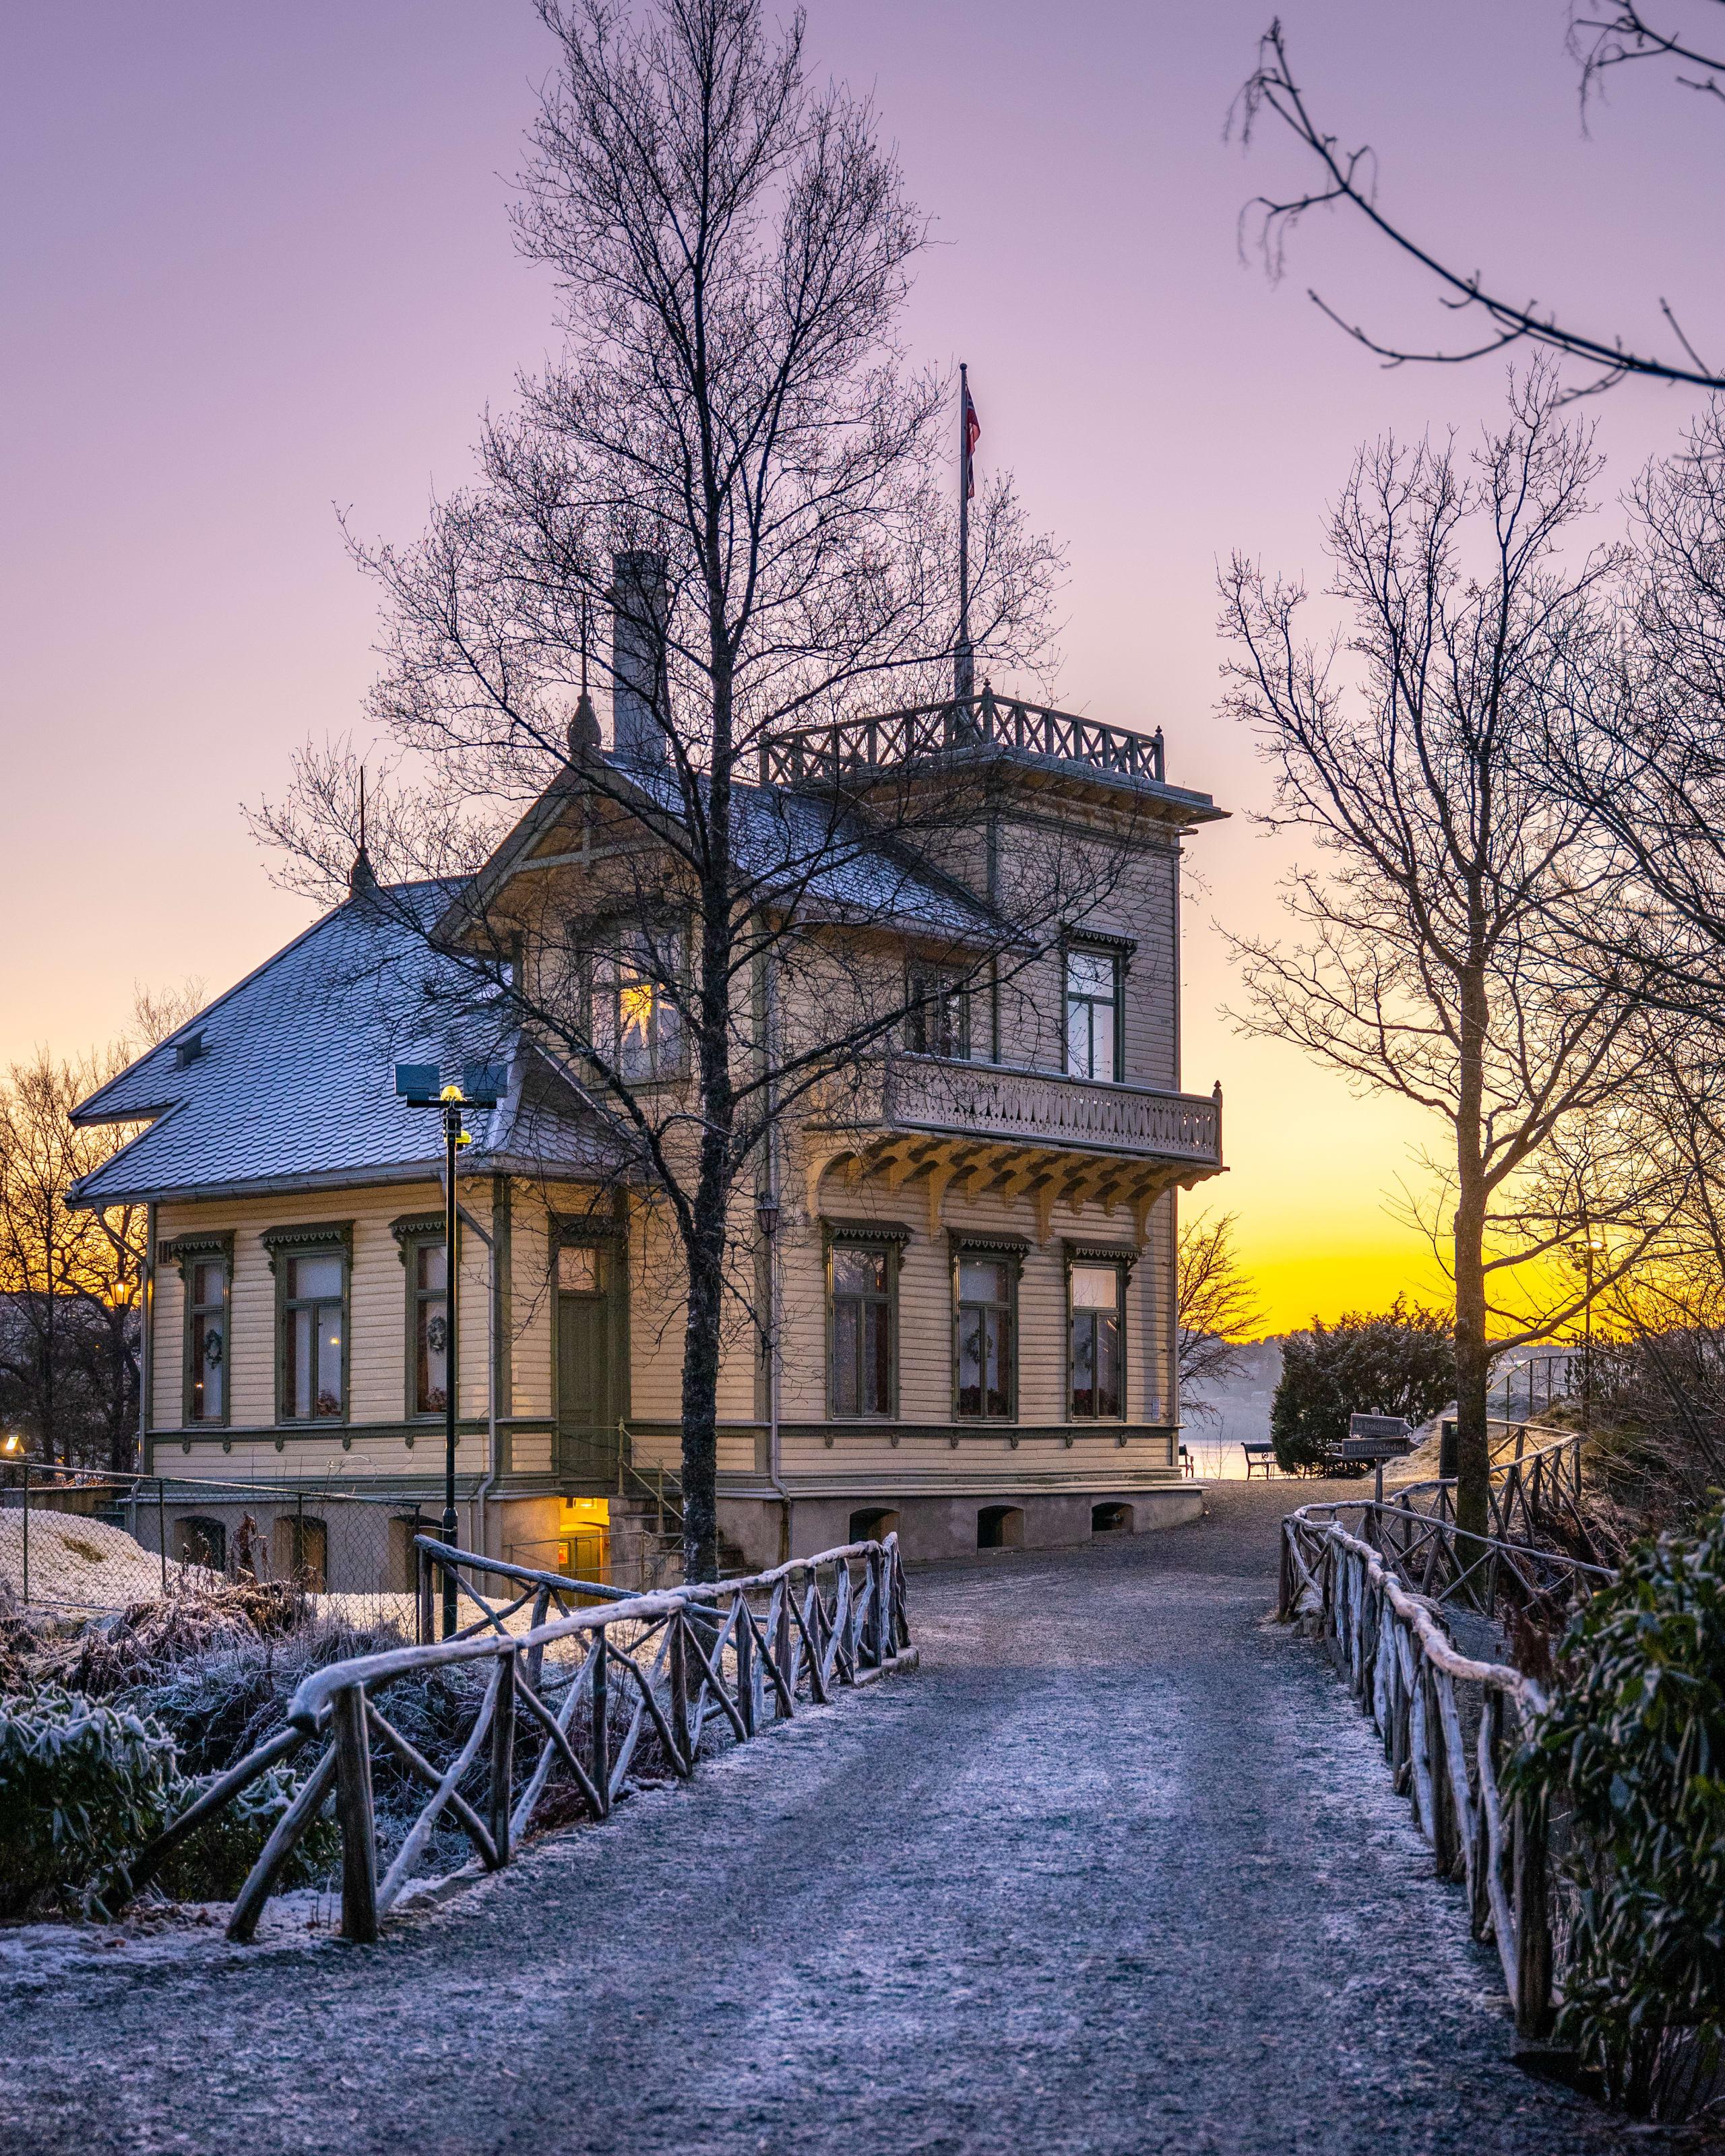 Troldhaugen mansion in sunset